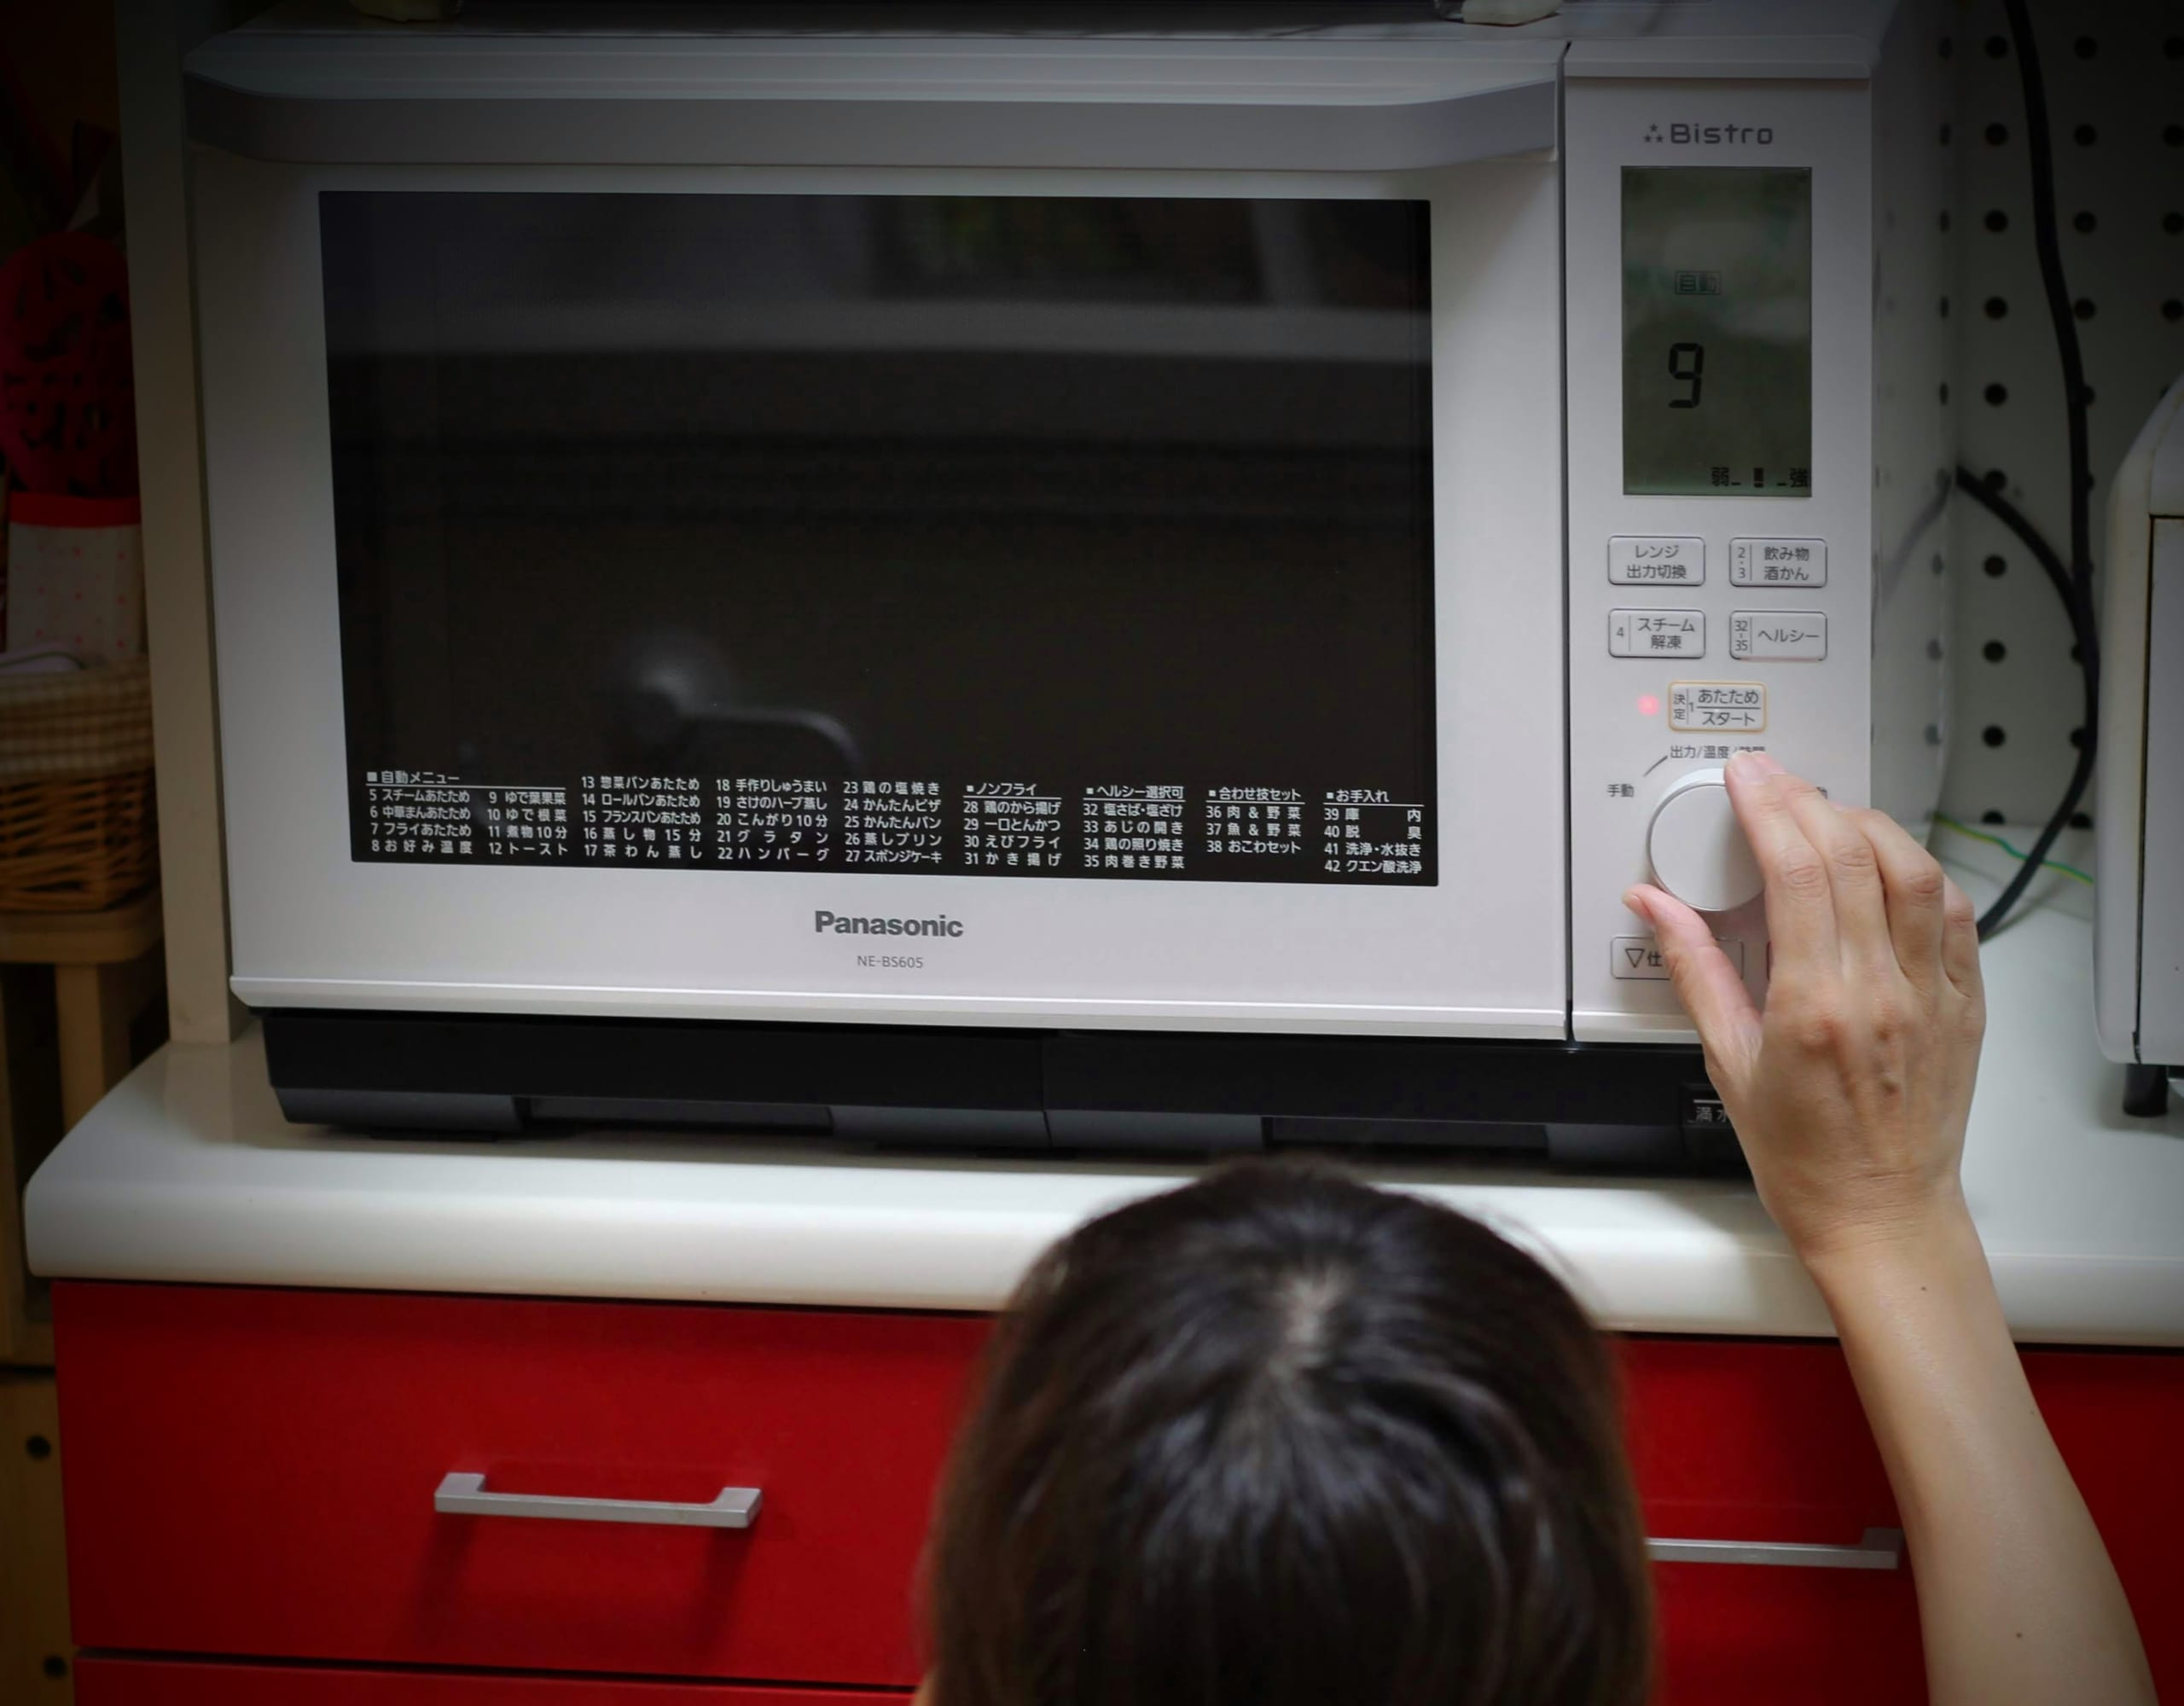 購入したオーブンレンジを操作する女性